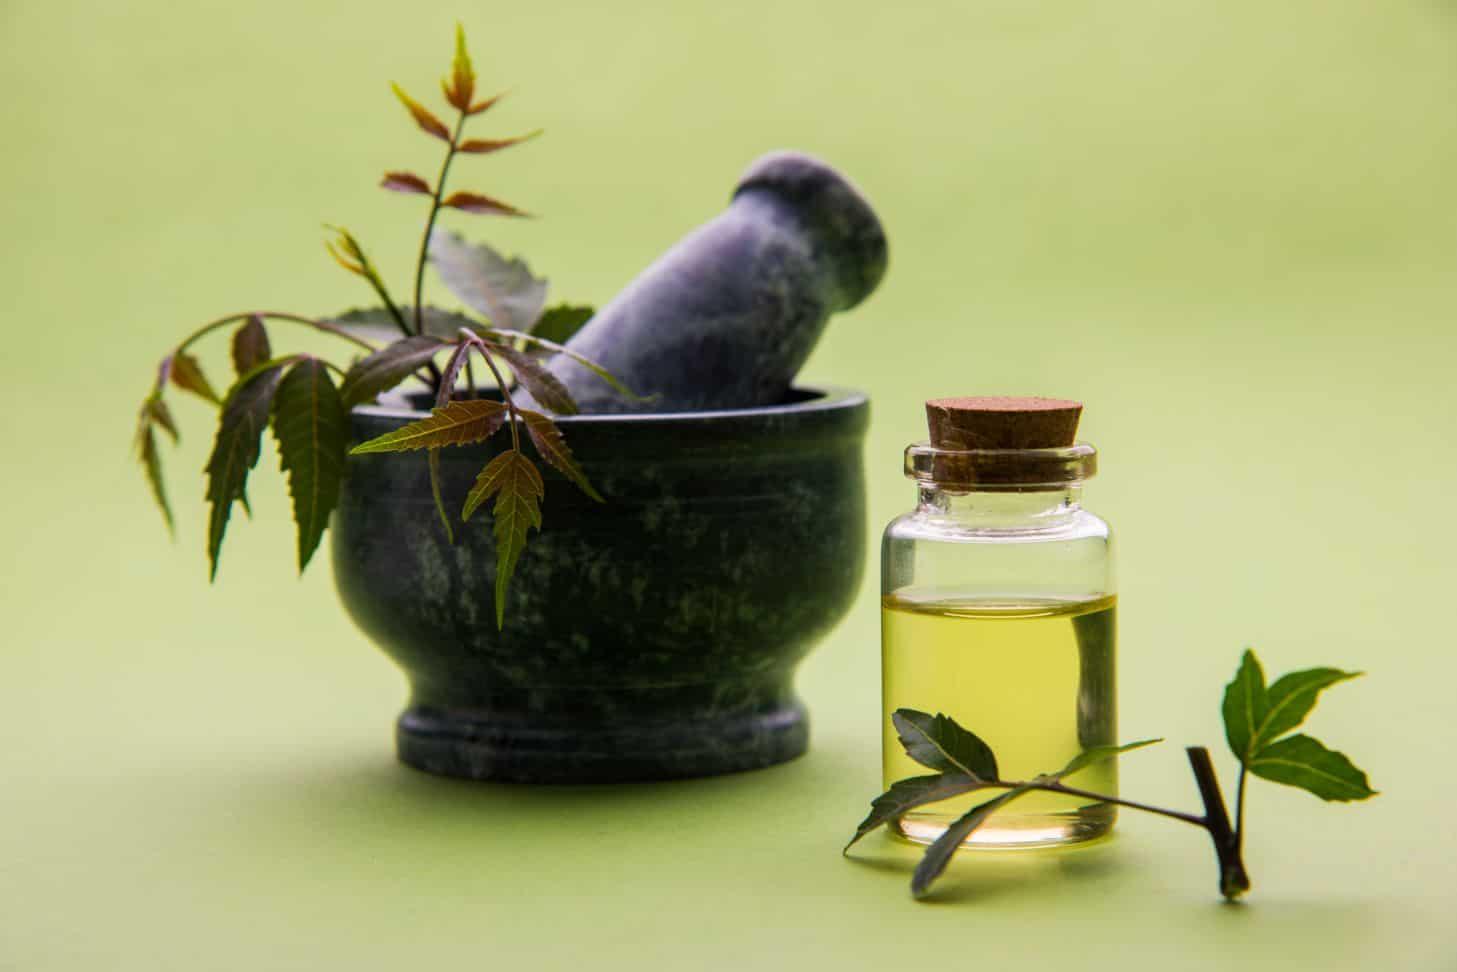 आयुर्वेदीय चिकित्सा एवं आयुर्वेदिक औषधियां - Ayurvedic Treatment & Ayurvedic Medicine